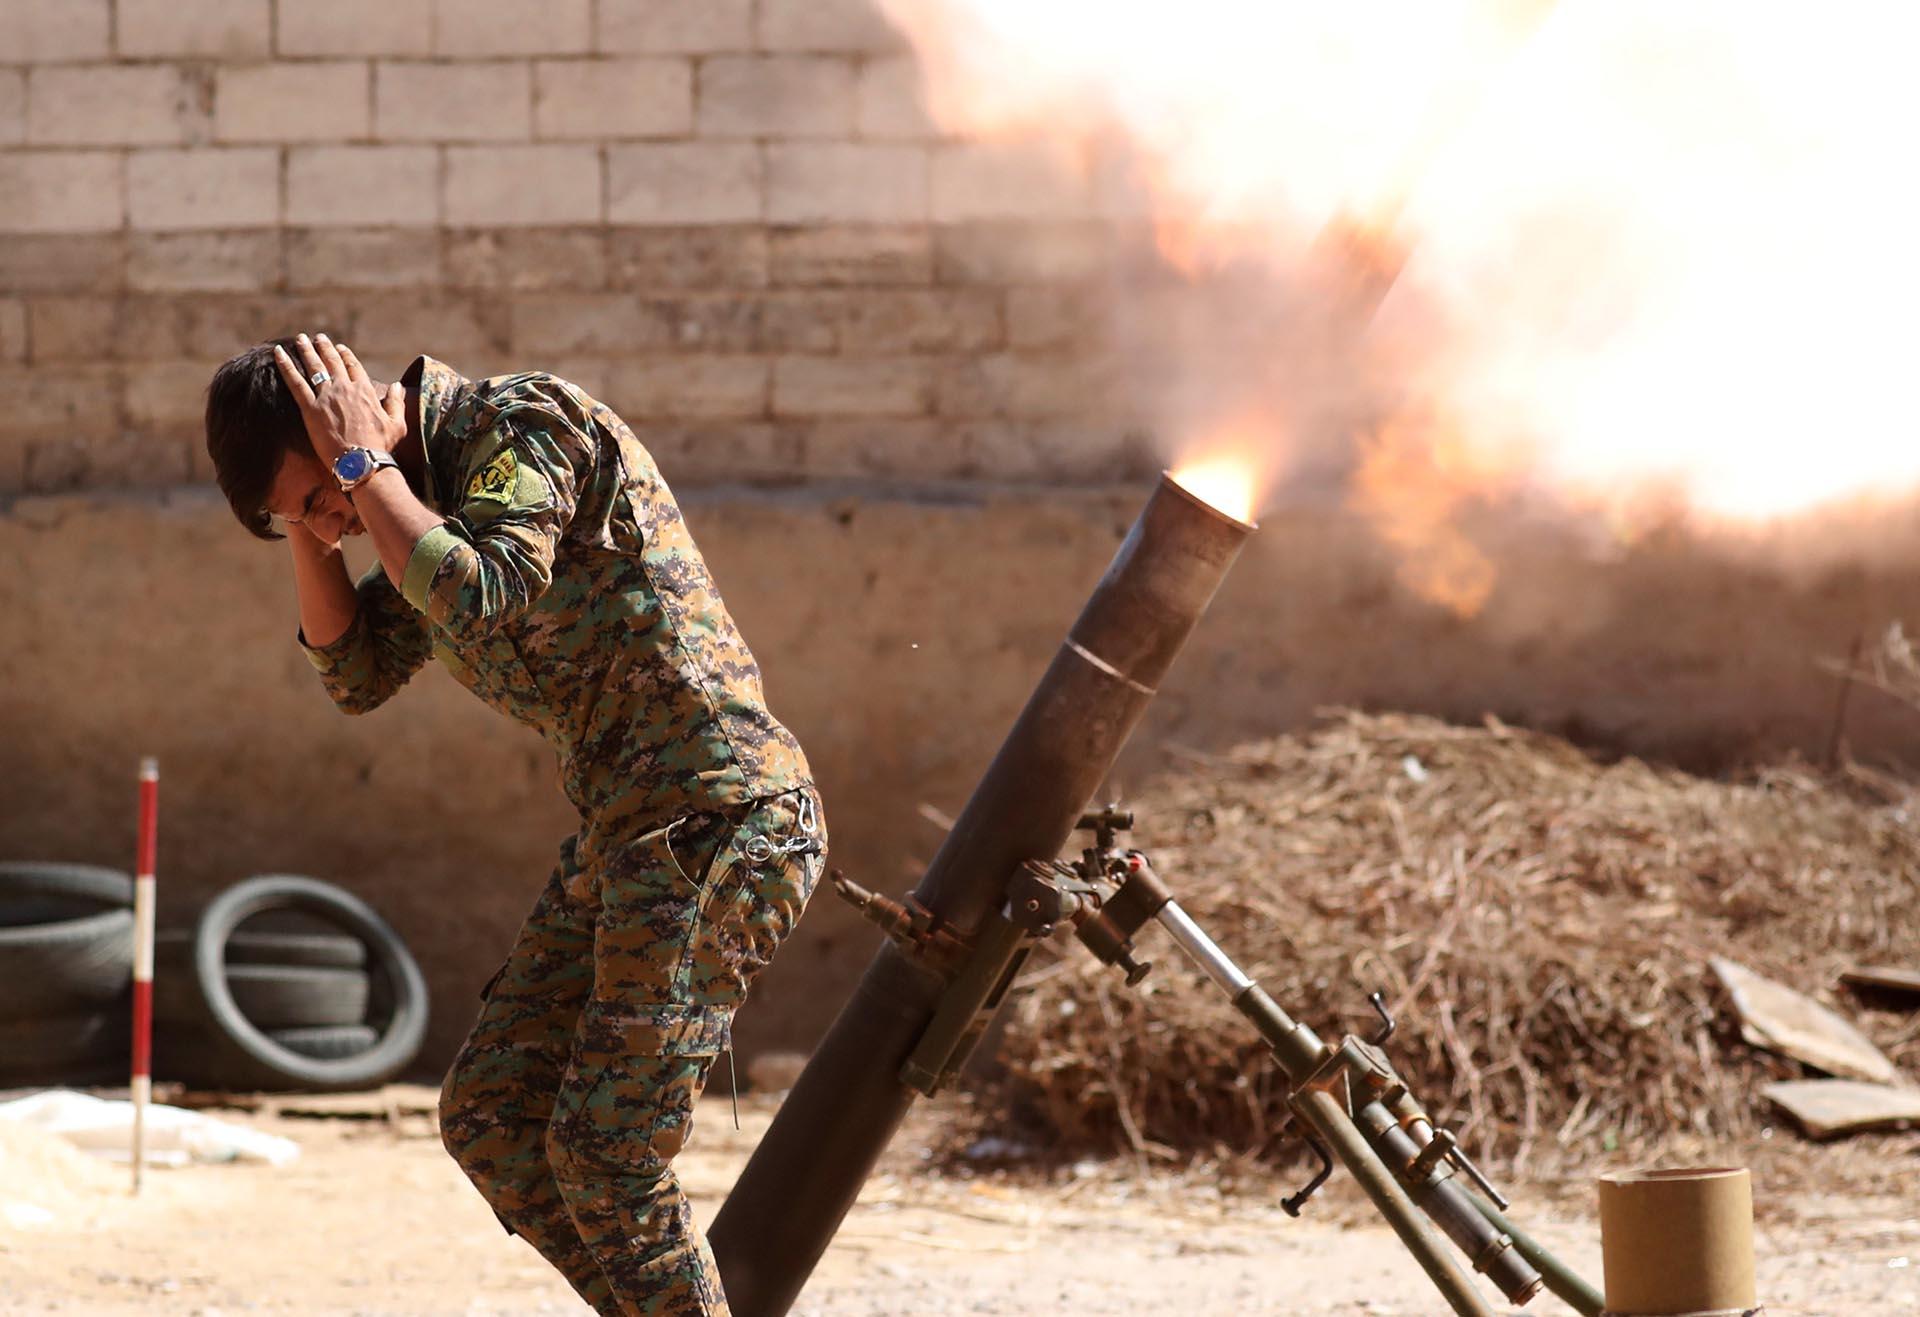 Un combatiente kurdo de las Unidades de Protección del Pueblo (YPG) dispara una ronda de mortero de 120 mm en Raqqa, Siria